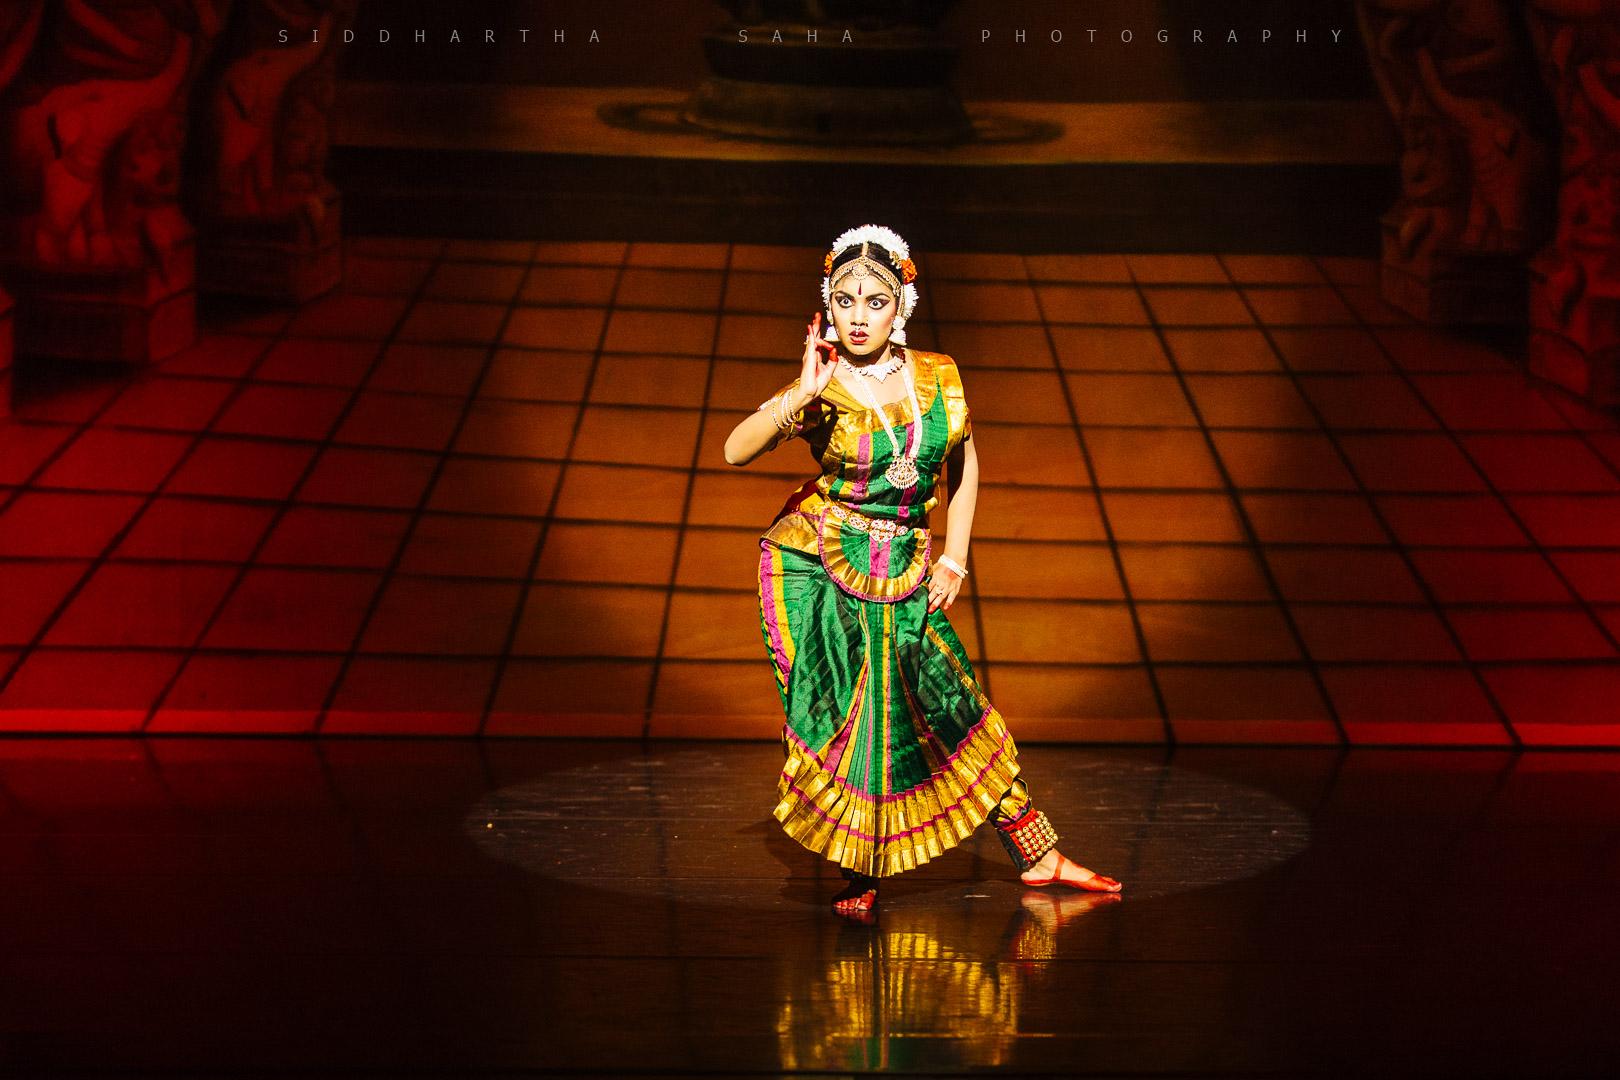 2015-09-06 - Riya Arangetram - _05Y9034